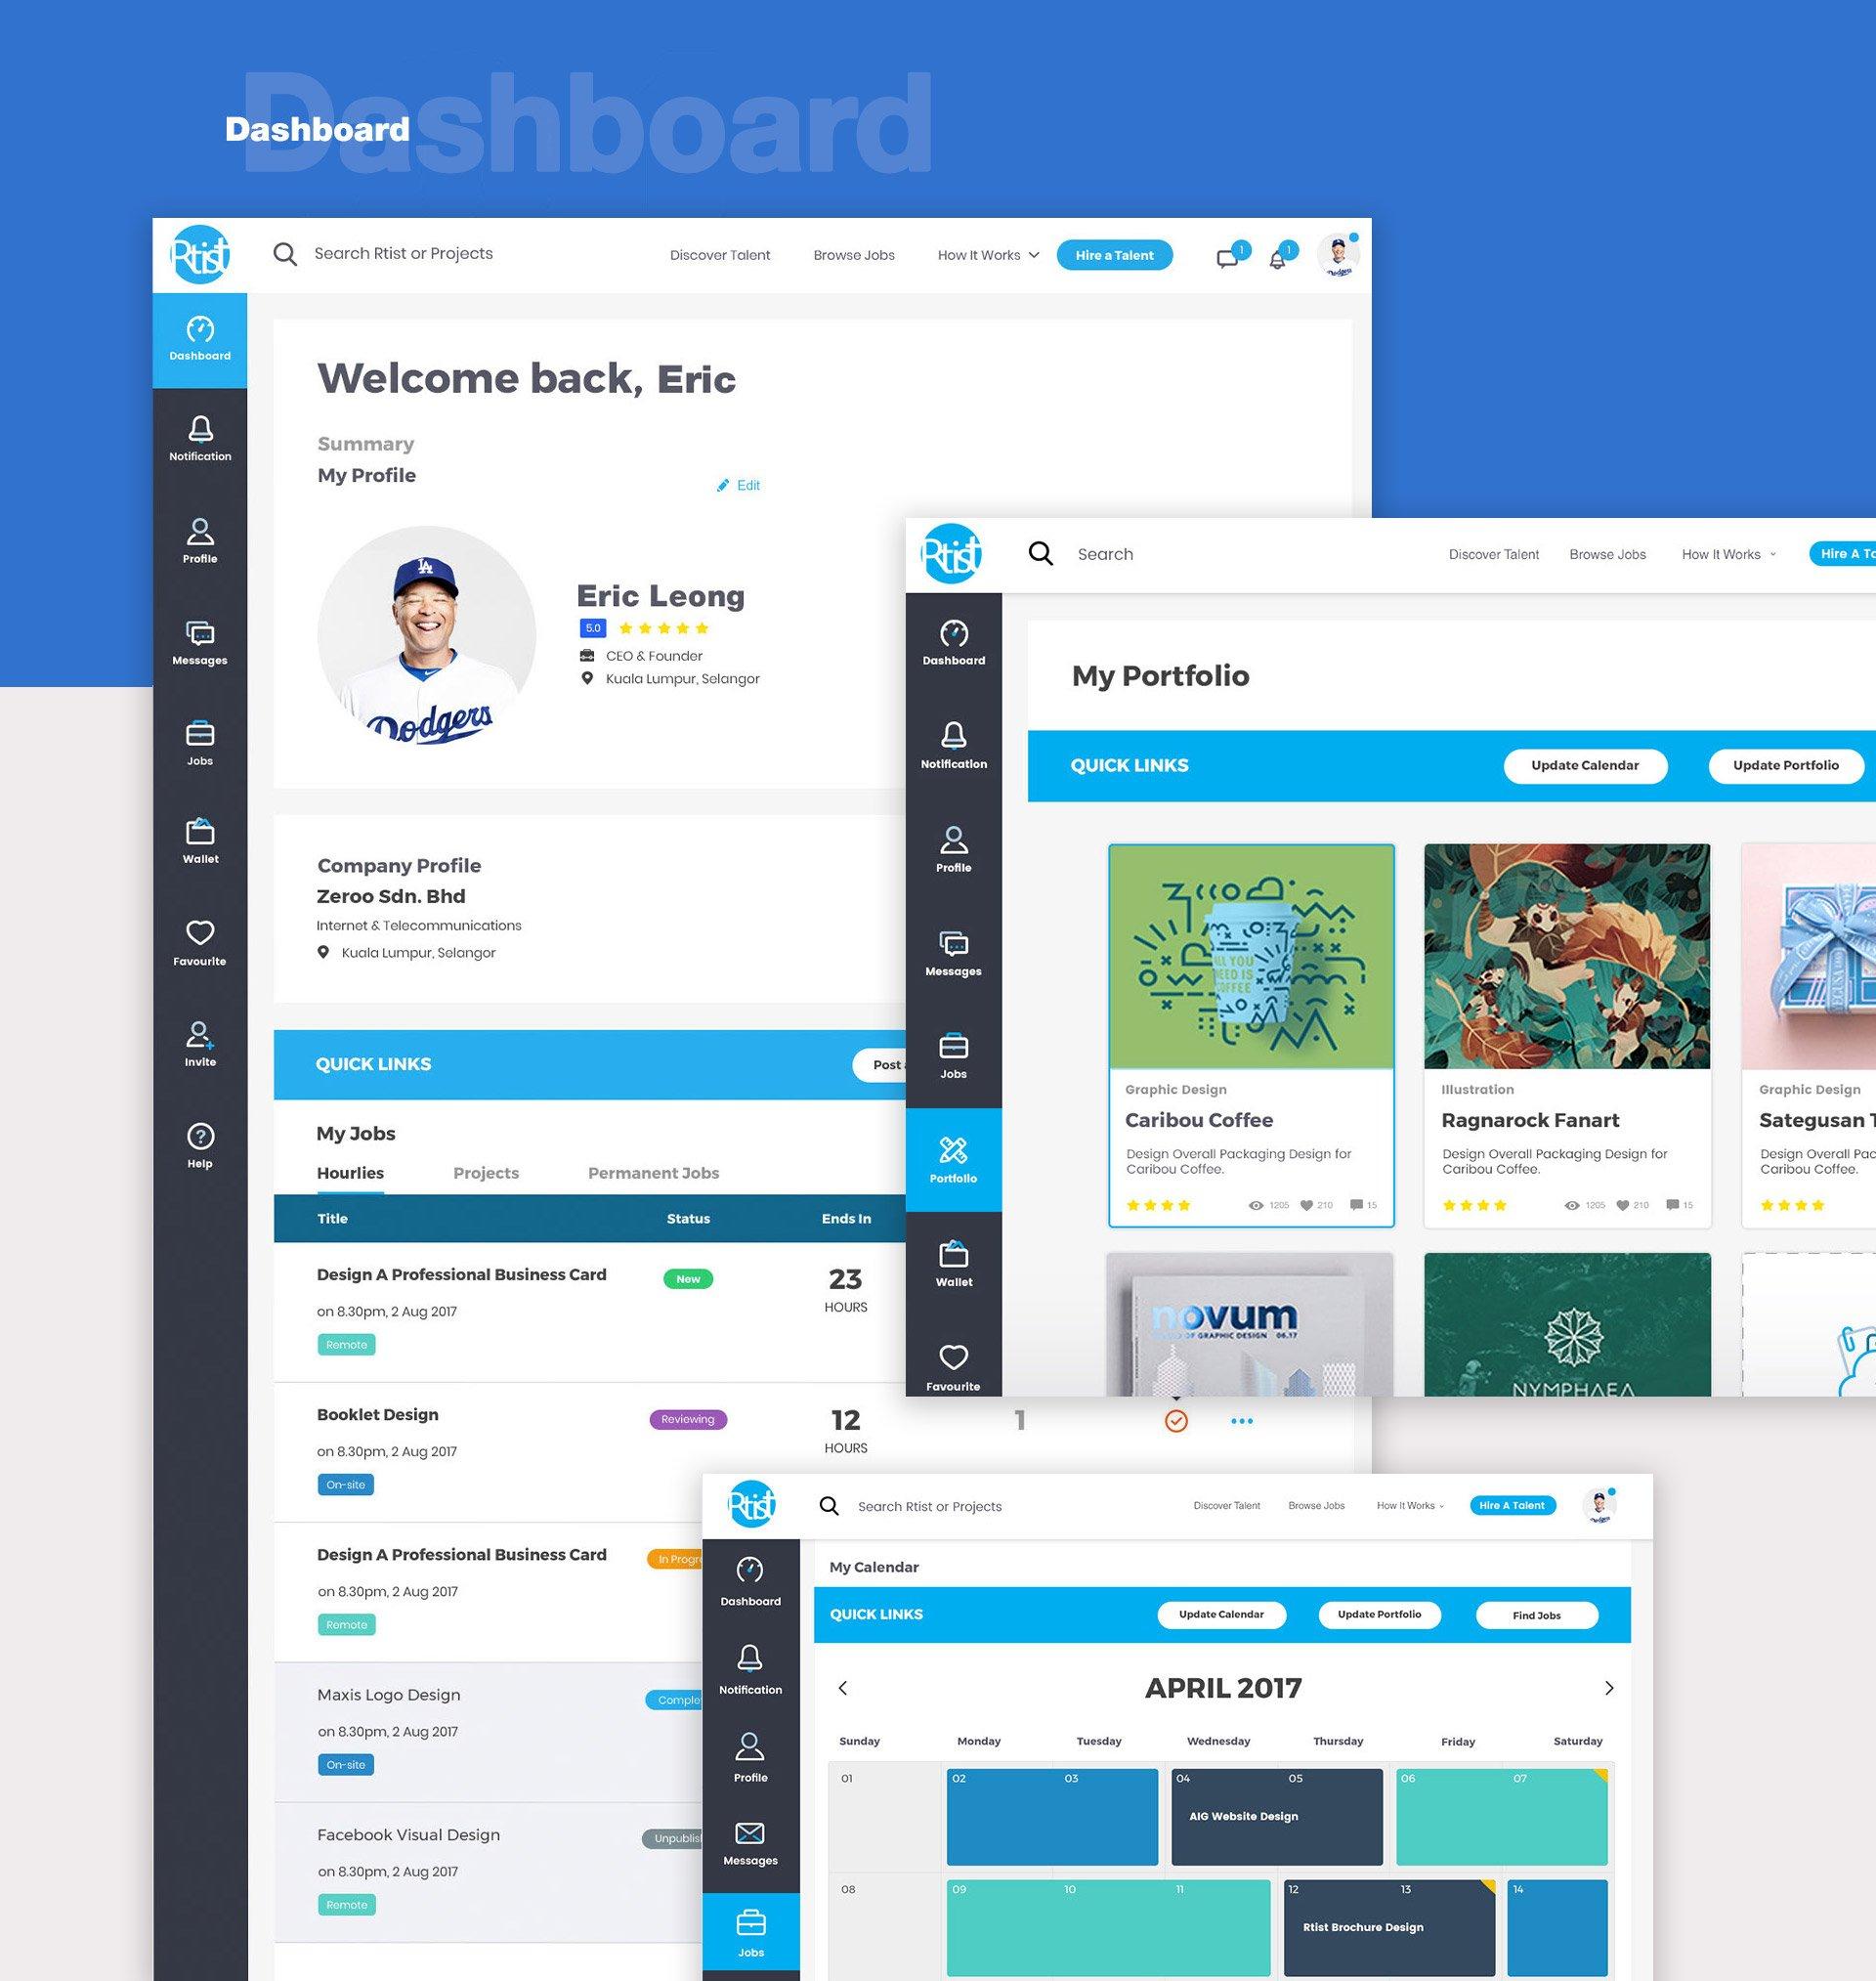 rtist_dashboard_portfolio-3